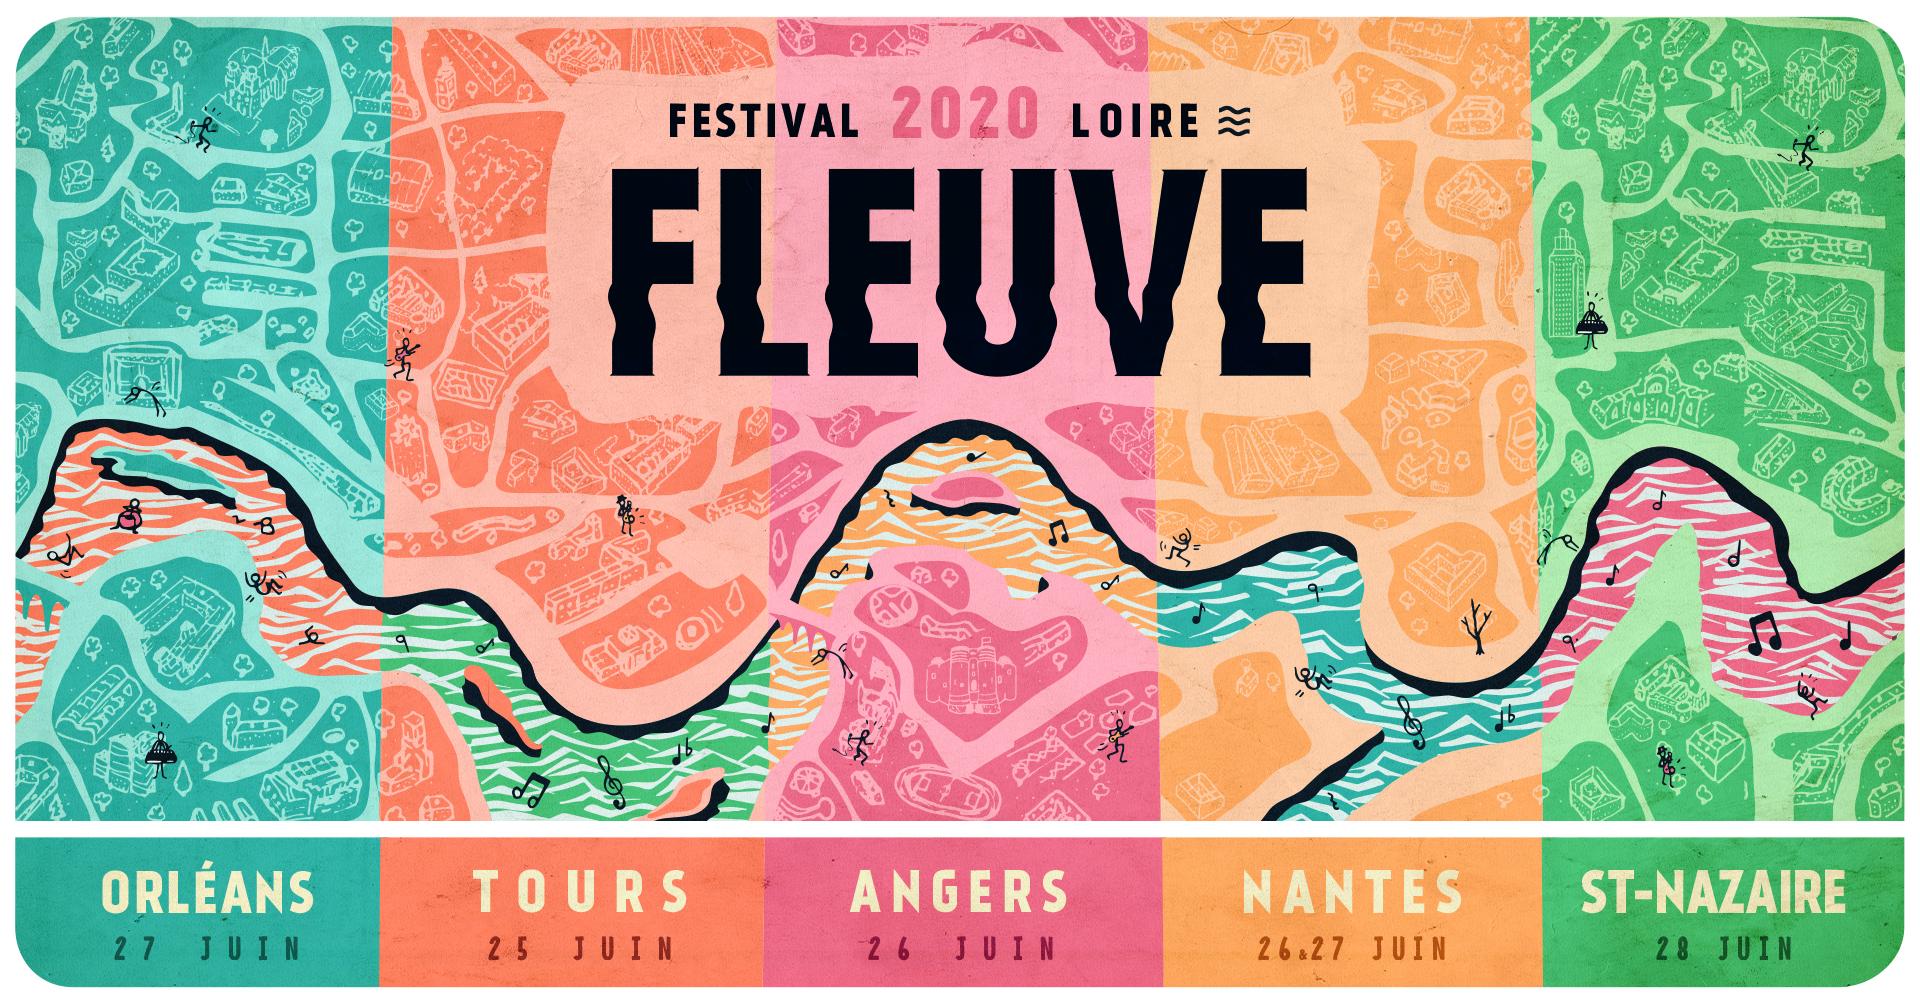 FLEUVE Festival / NANTES \